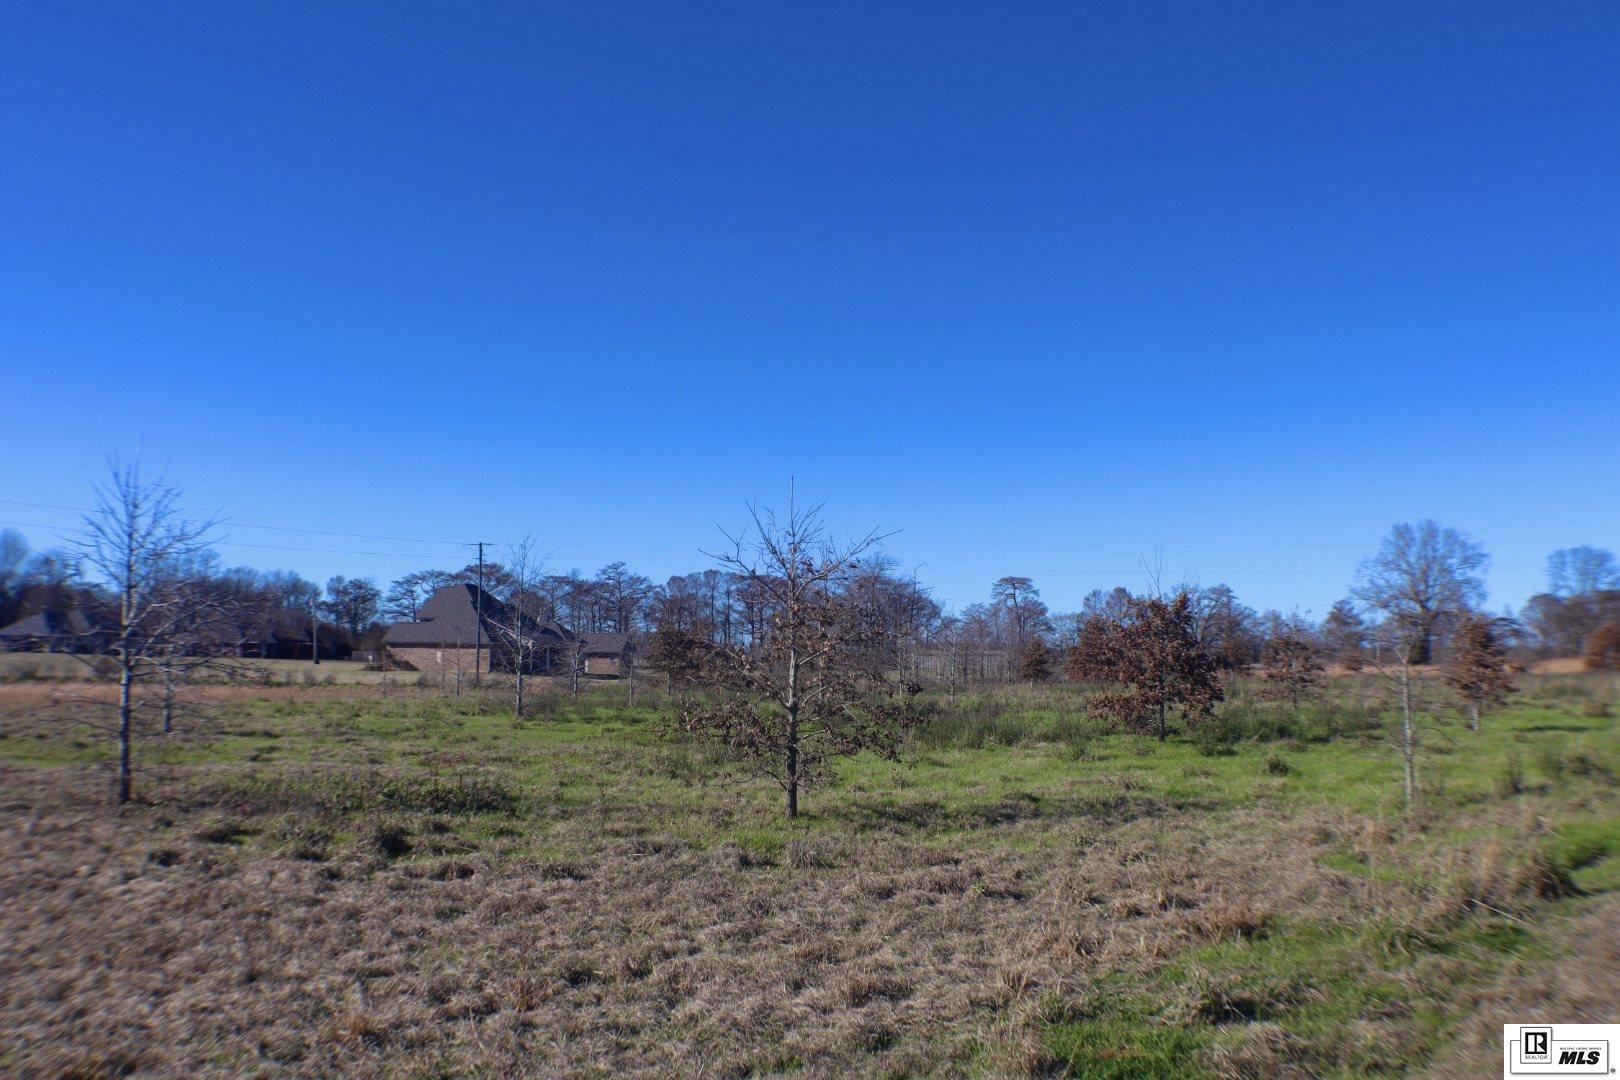 4 Coles Creek Dr Oak Ridge La 71264 Lot Land Mls 191413 3 Photos Trulia